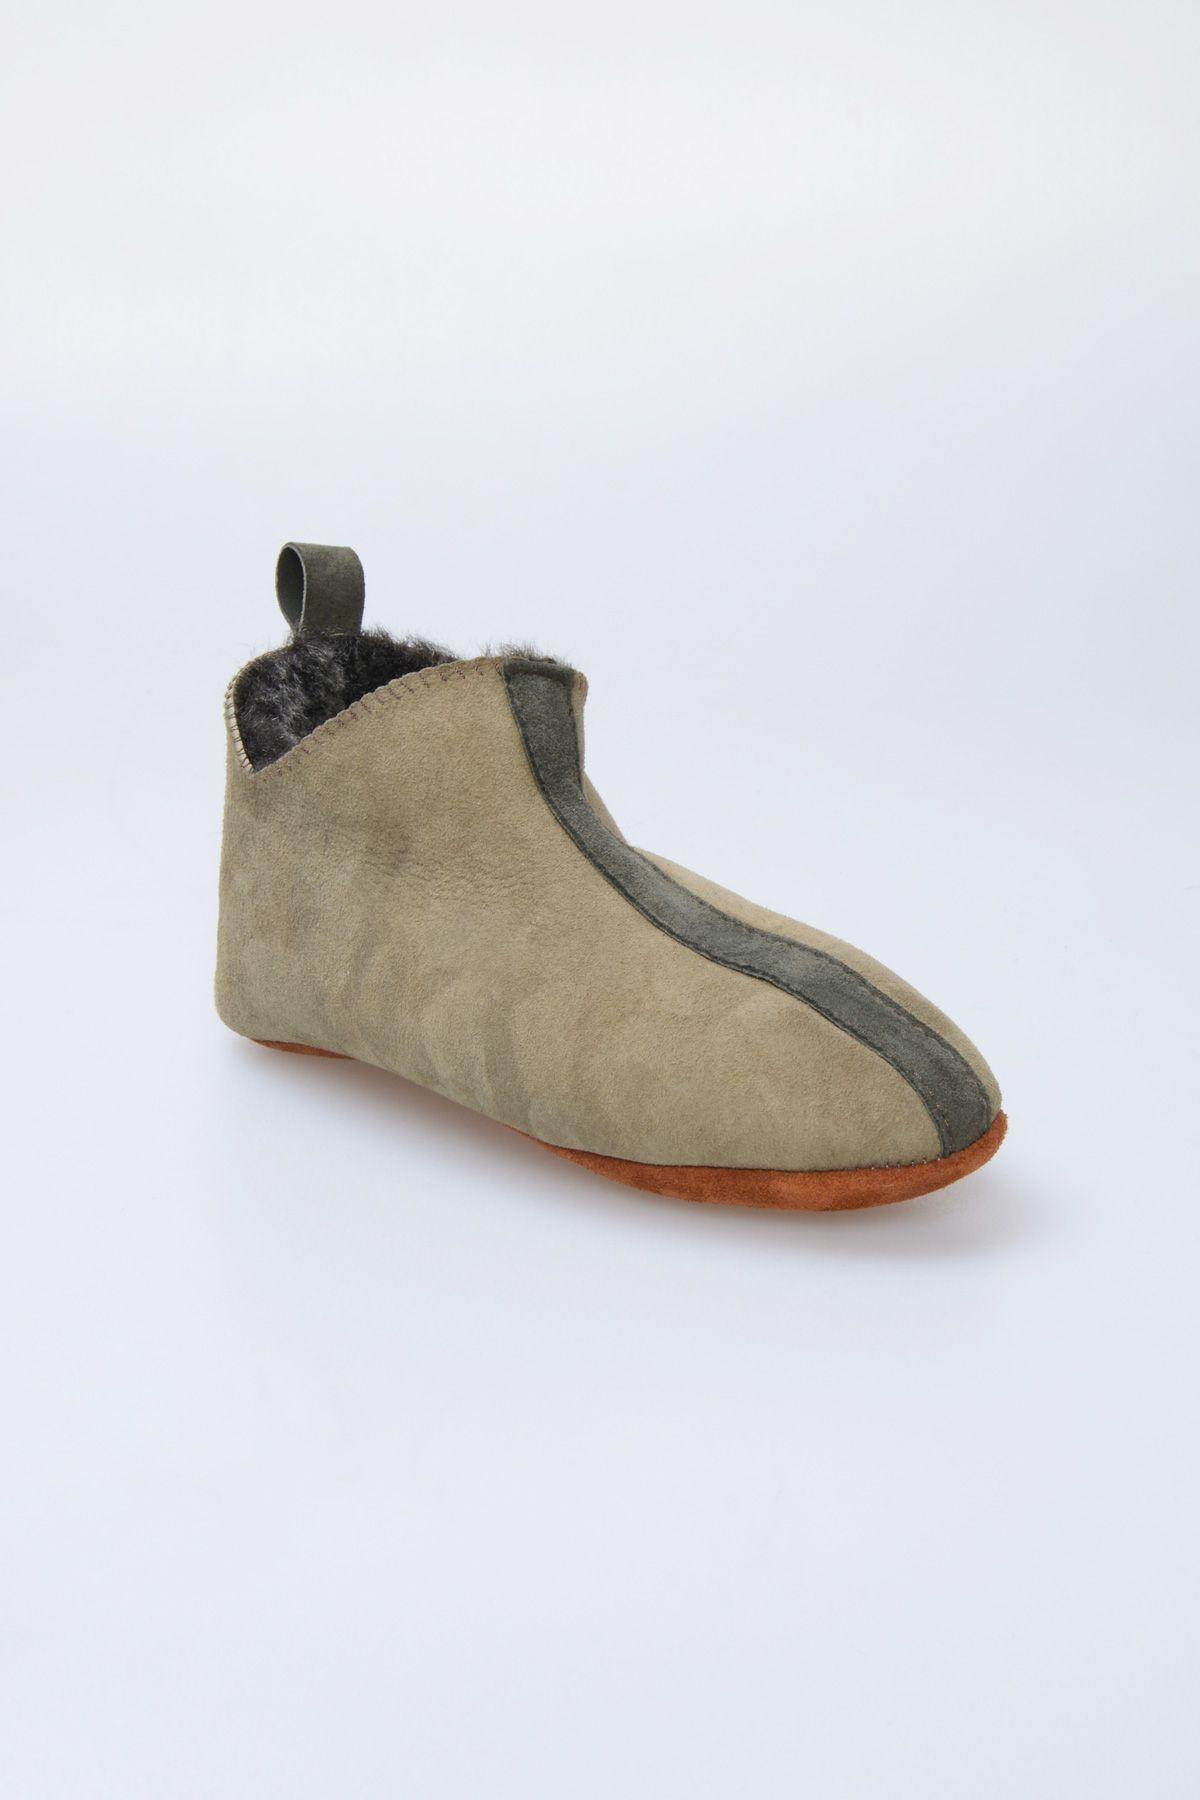 Pegia Hakiki Kürklü Çocuk Ev Ayakkabısı 880252 Haki